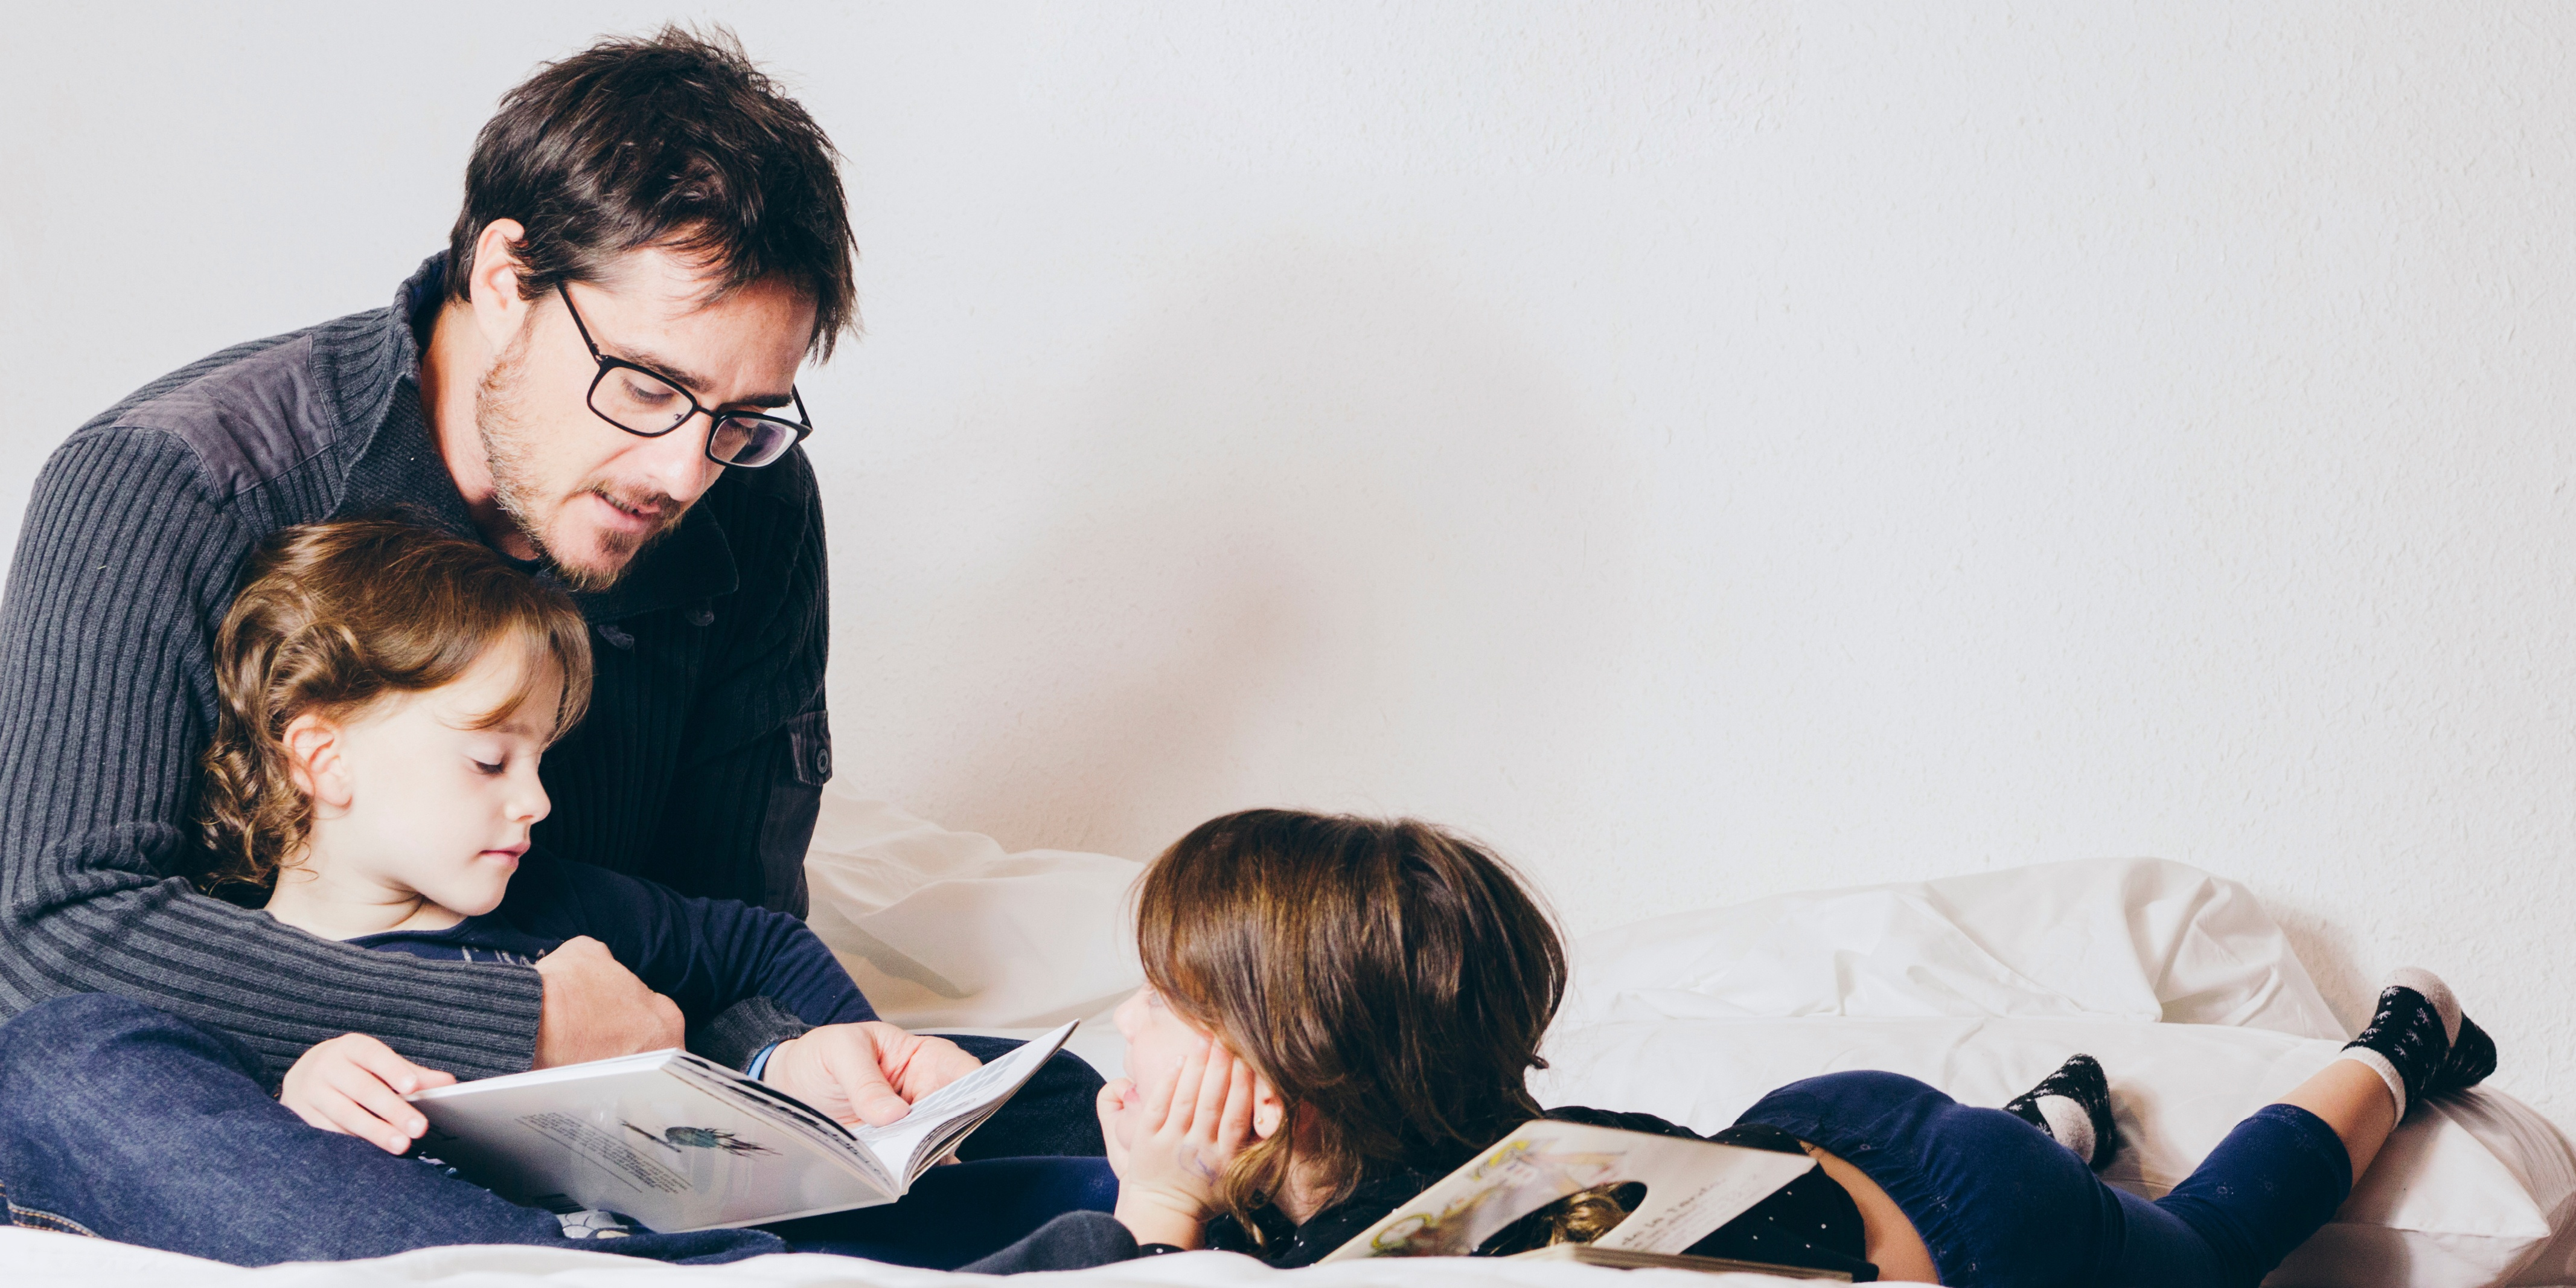 ¿Cómo Evitar Adultos Débiles a través de la Educación?